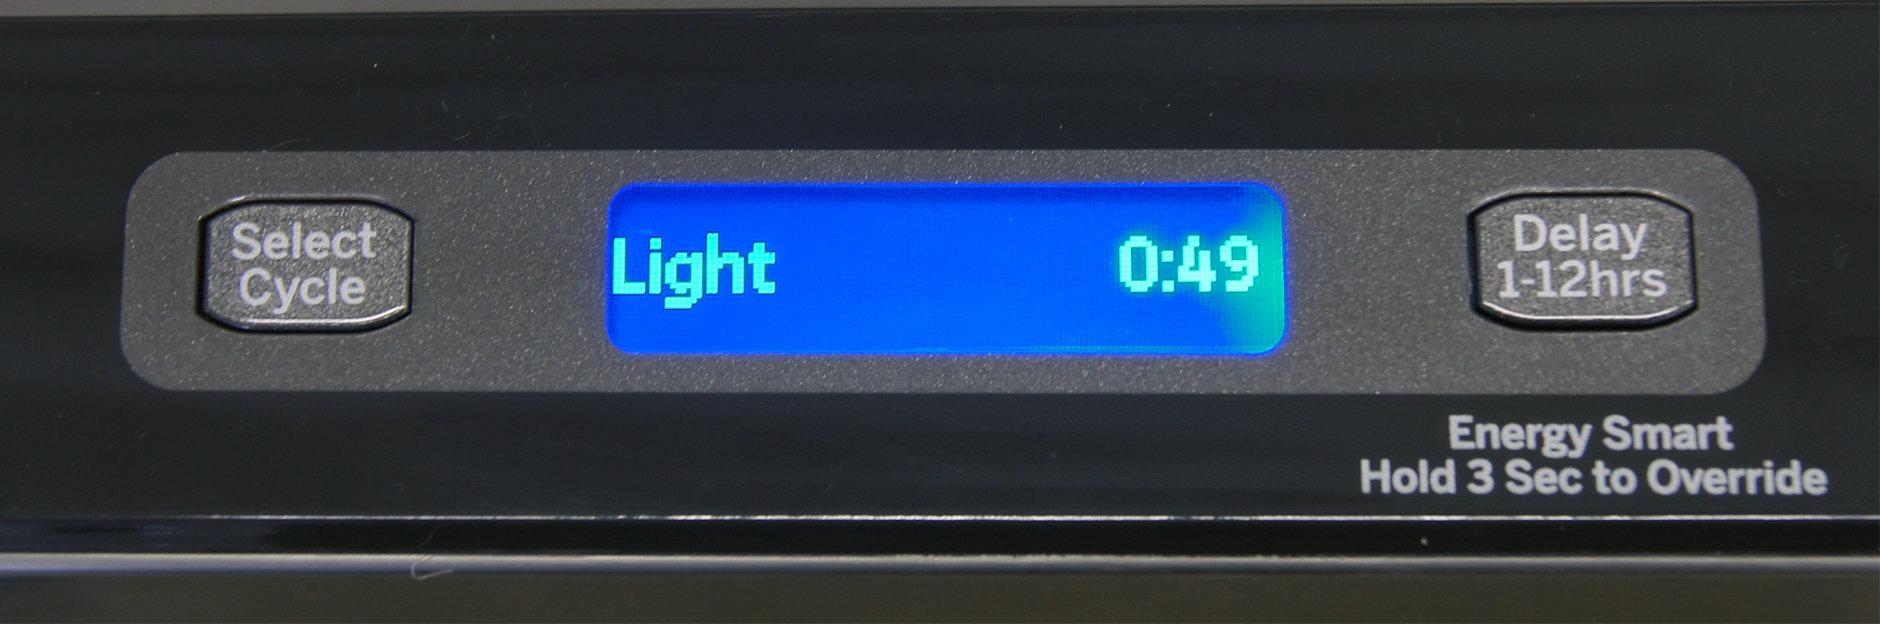 GE Cafe CDT725SSFSS LCD screen